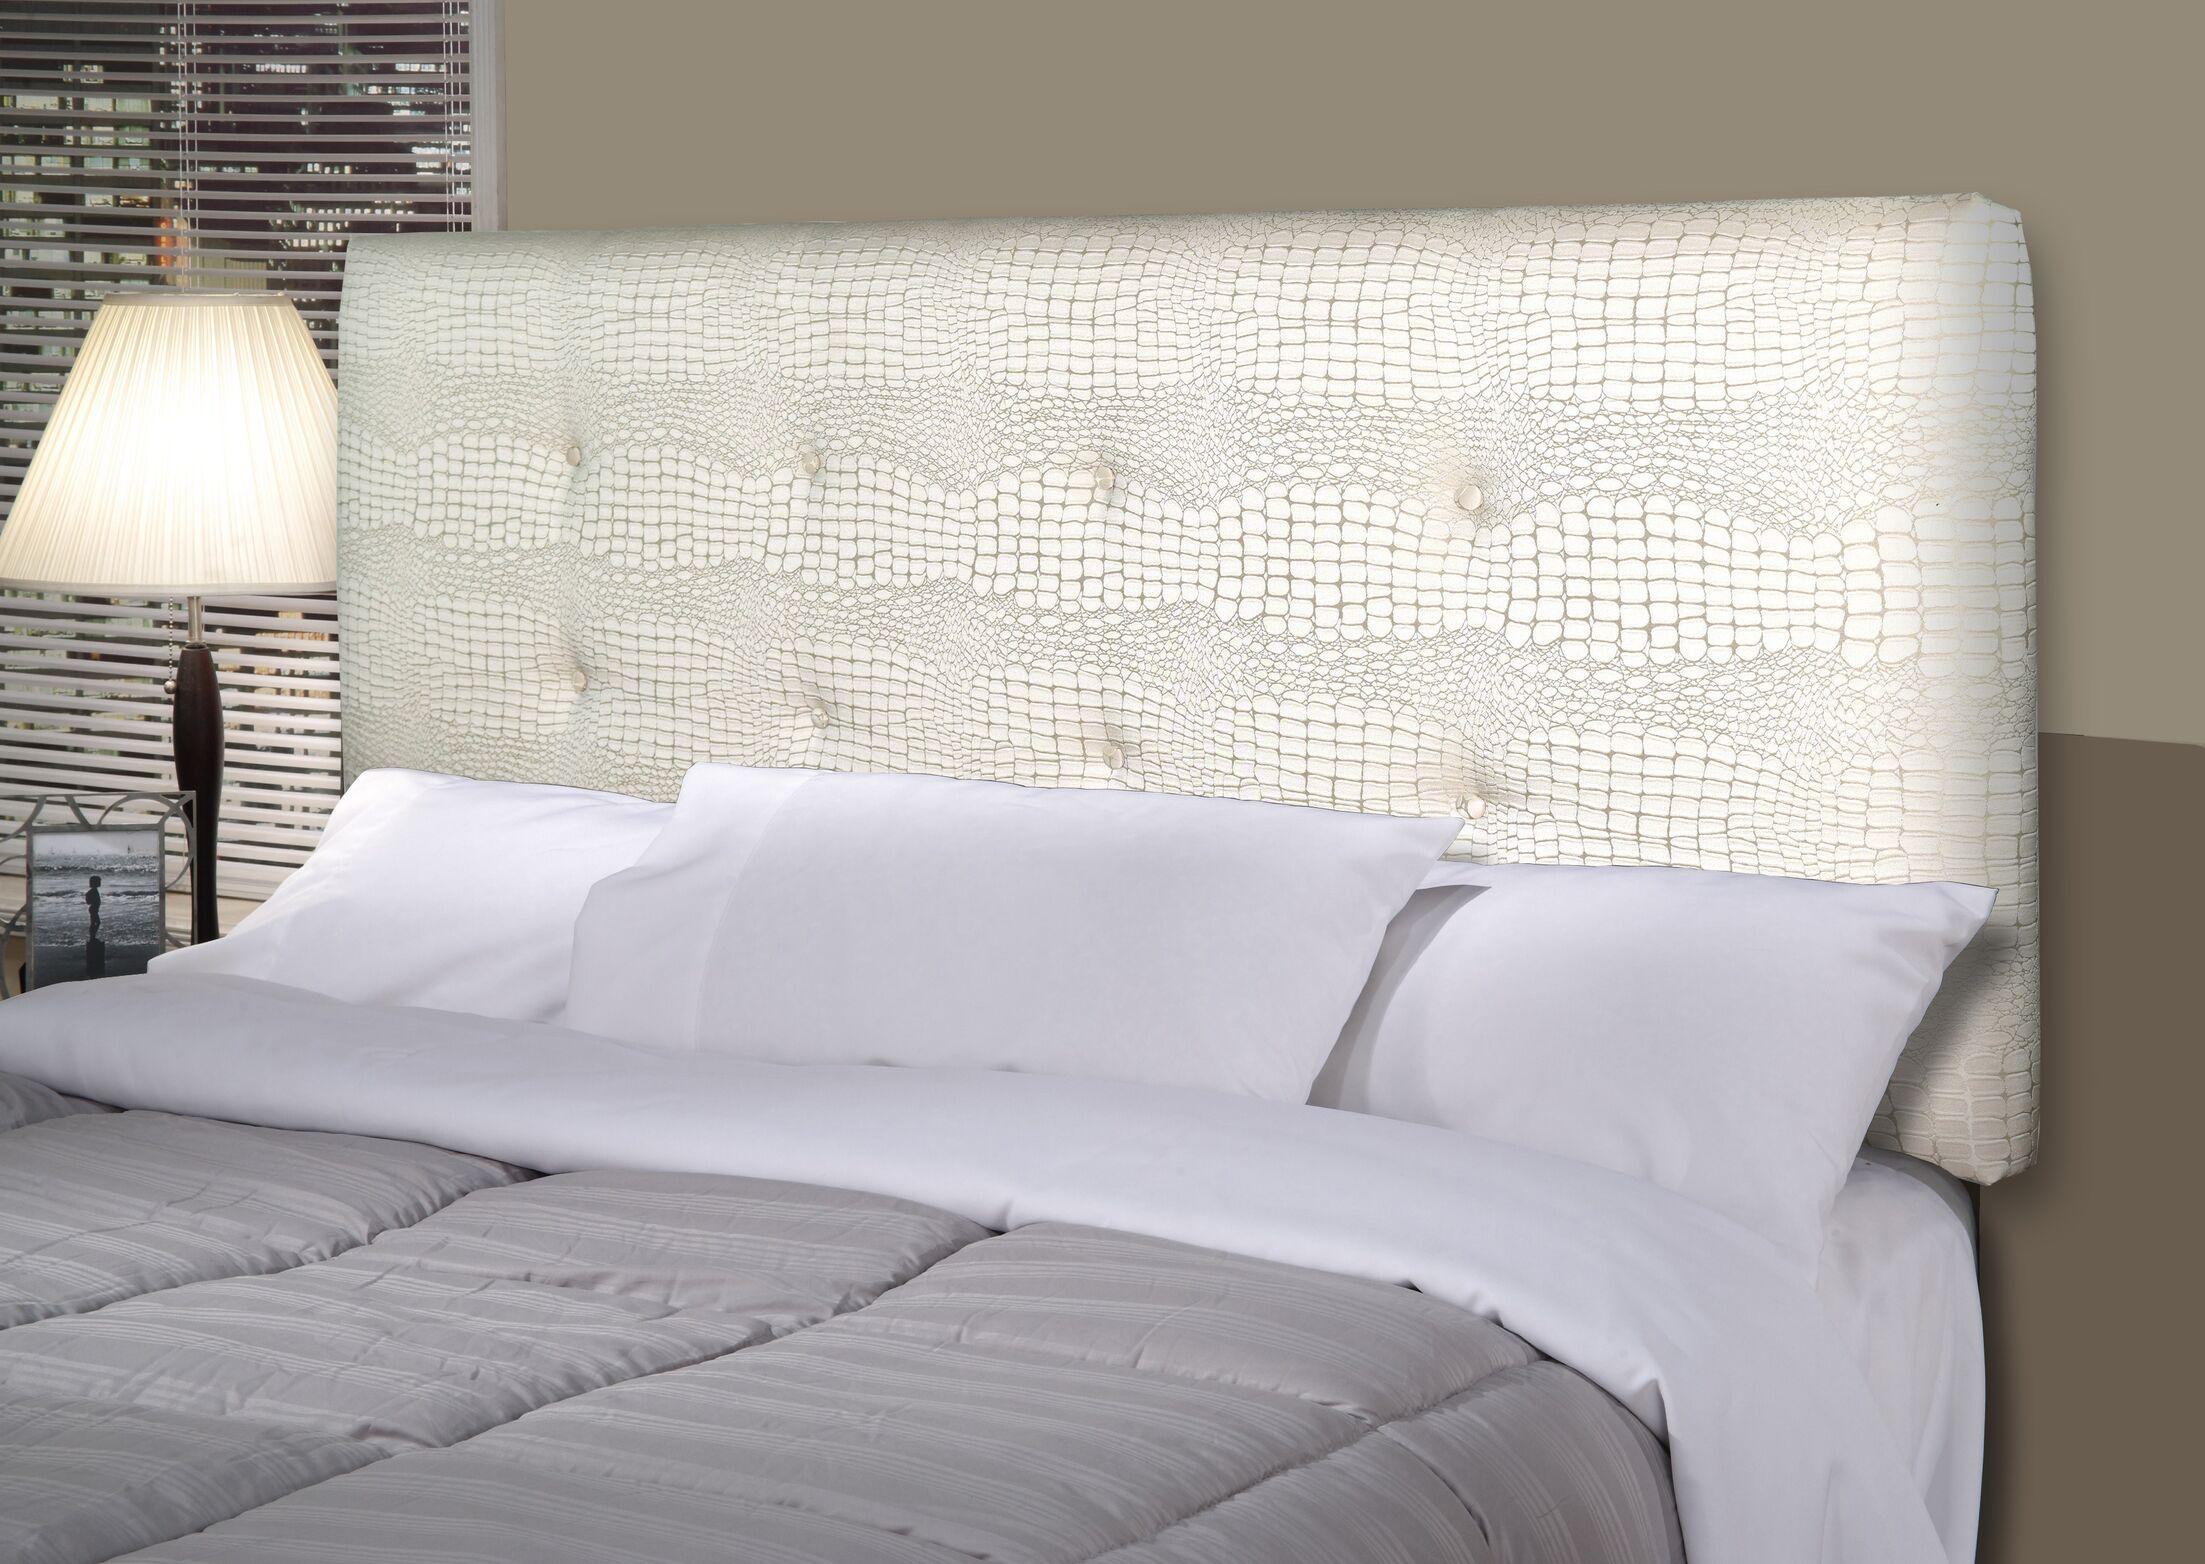 Tillie Ali Upholstered Panel Headboard Size: California King, Upholstery: Cream